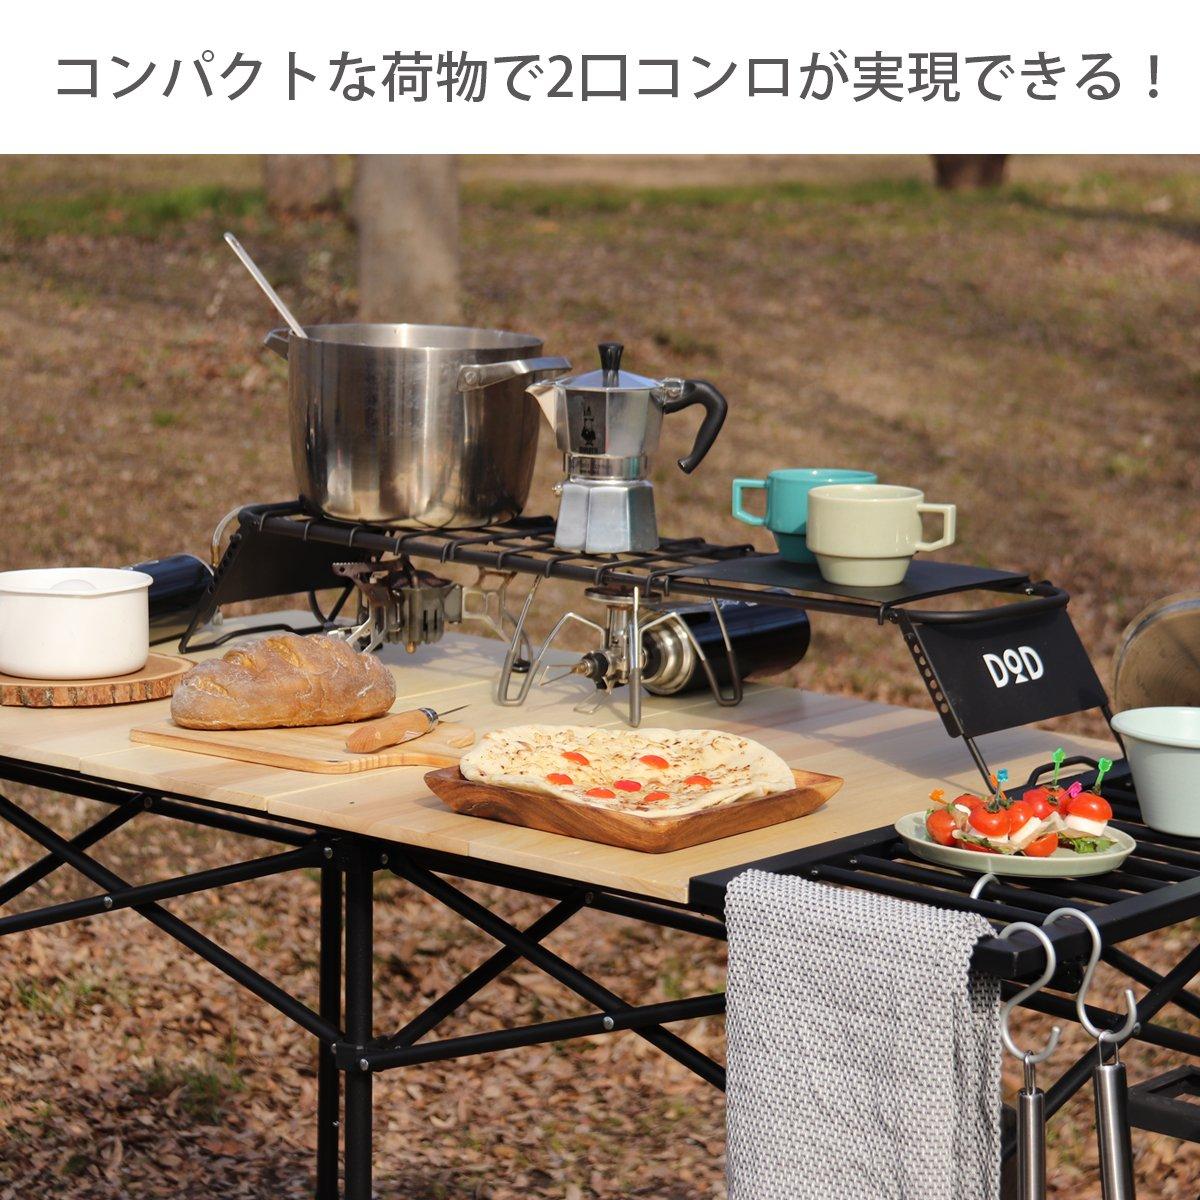 日本 DOPPELGANGER /  DOD營舞者 迷你廚房桌 / TB1-567。1色。(6800*3.3)日本必買代購 / 日本樂天。件件免運 5